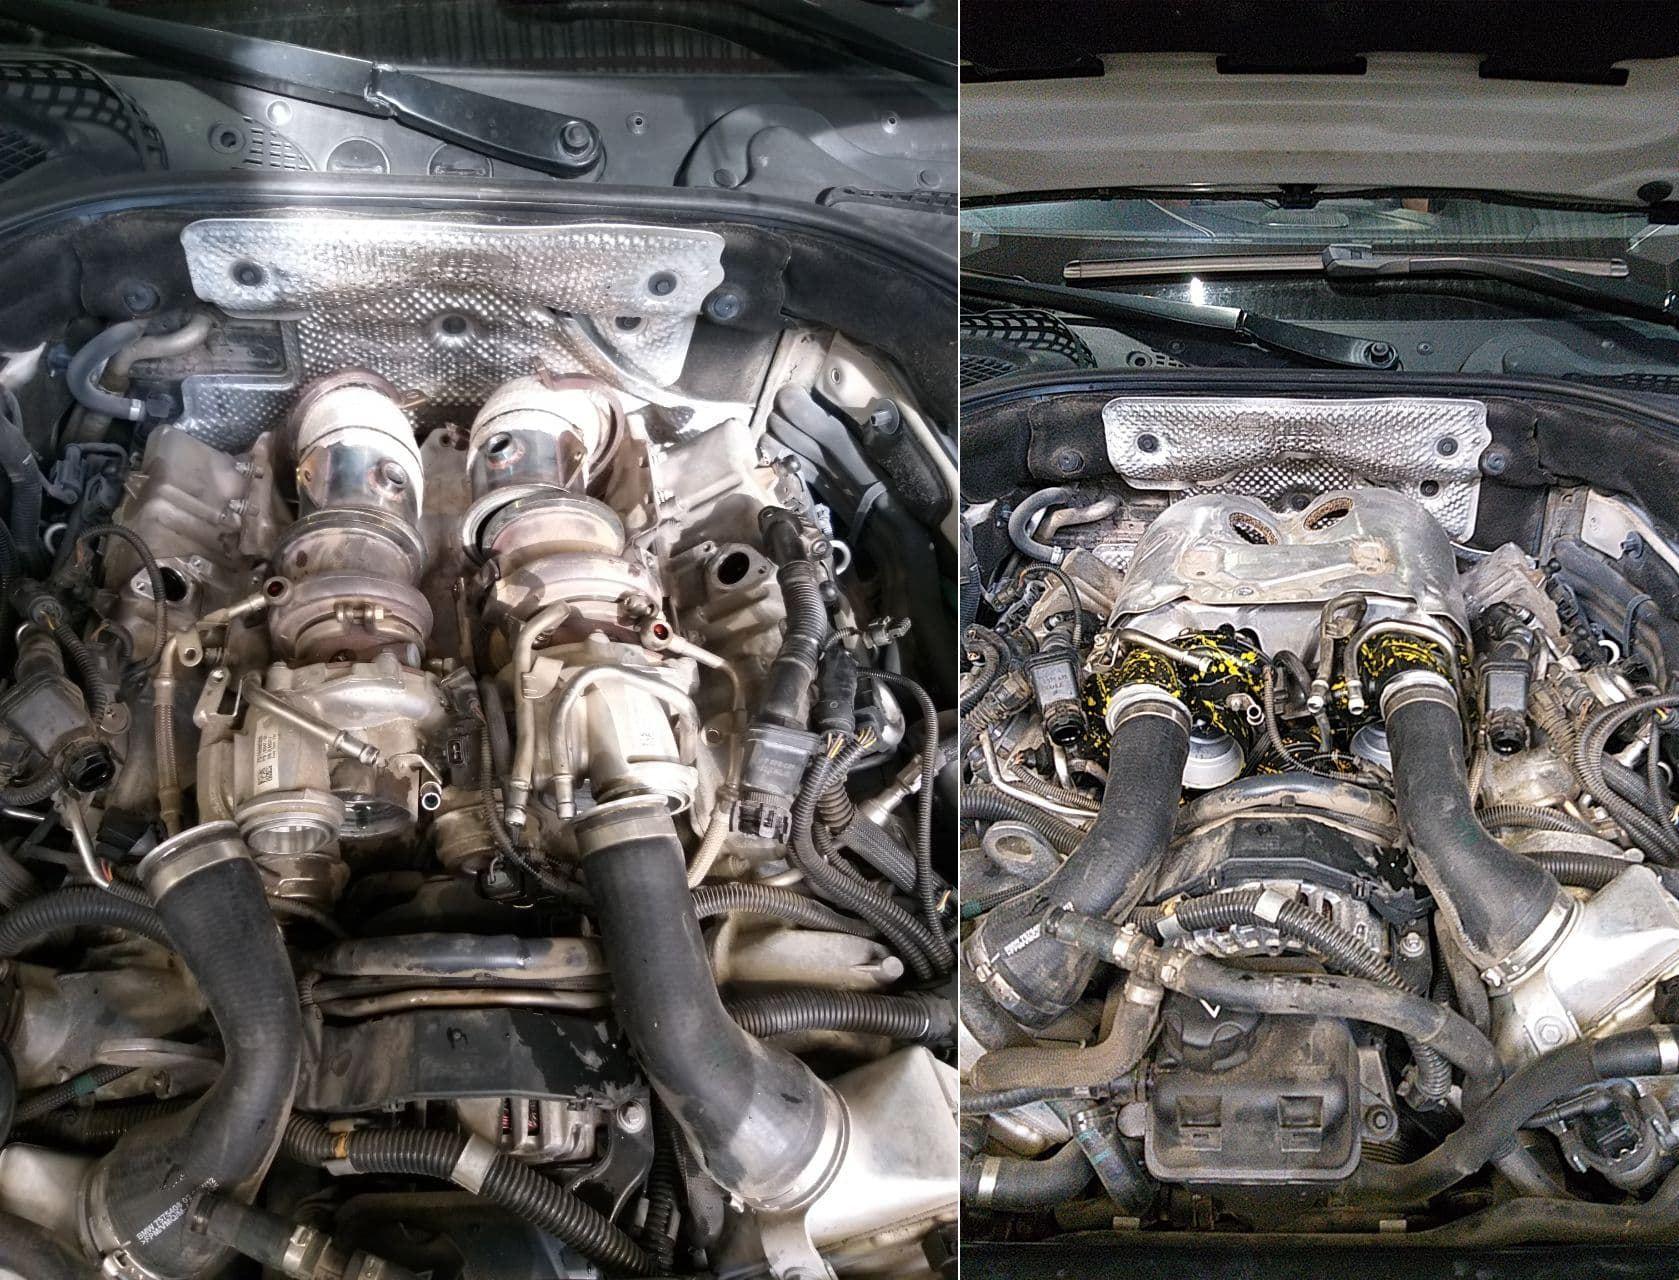 новые турбины на F13 650i